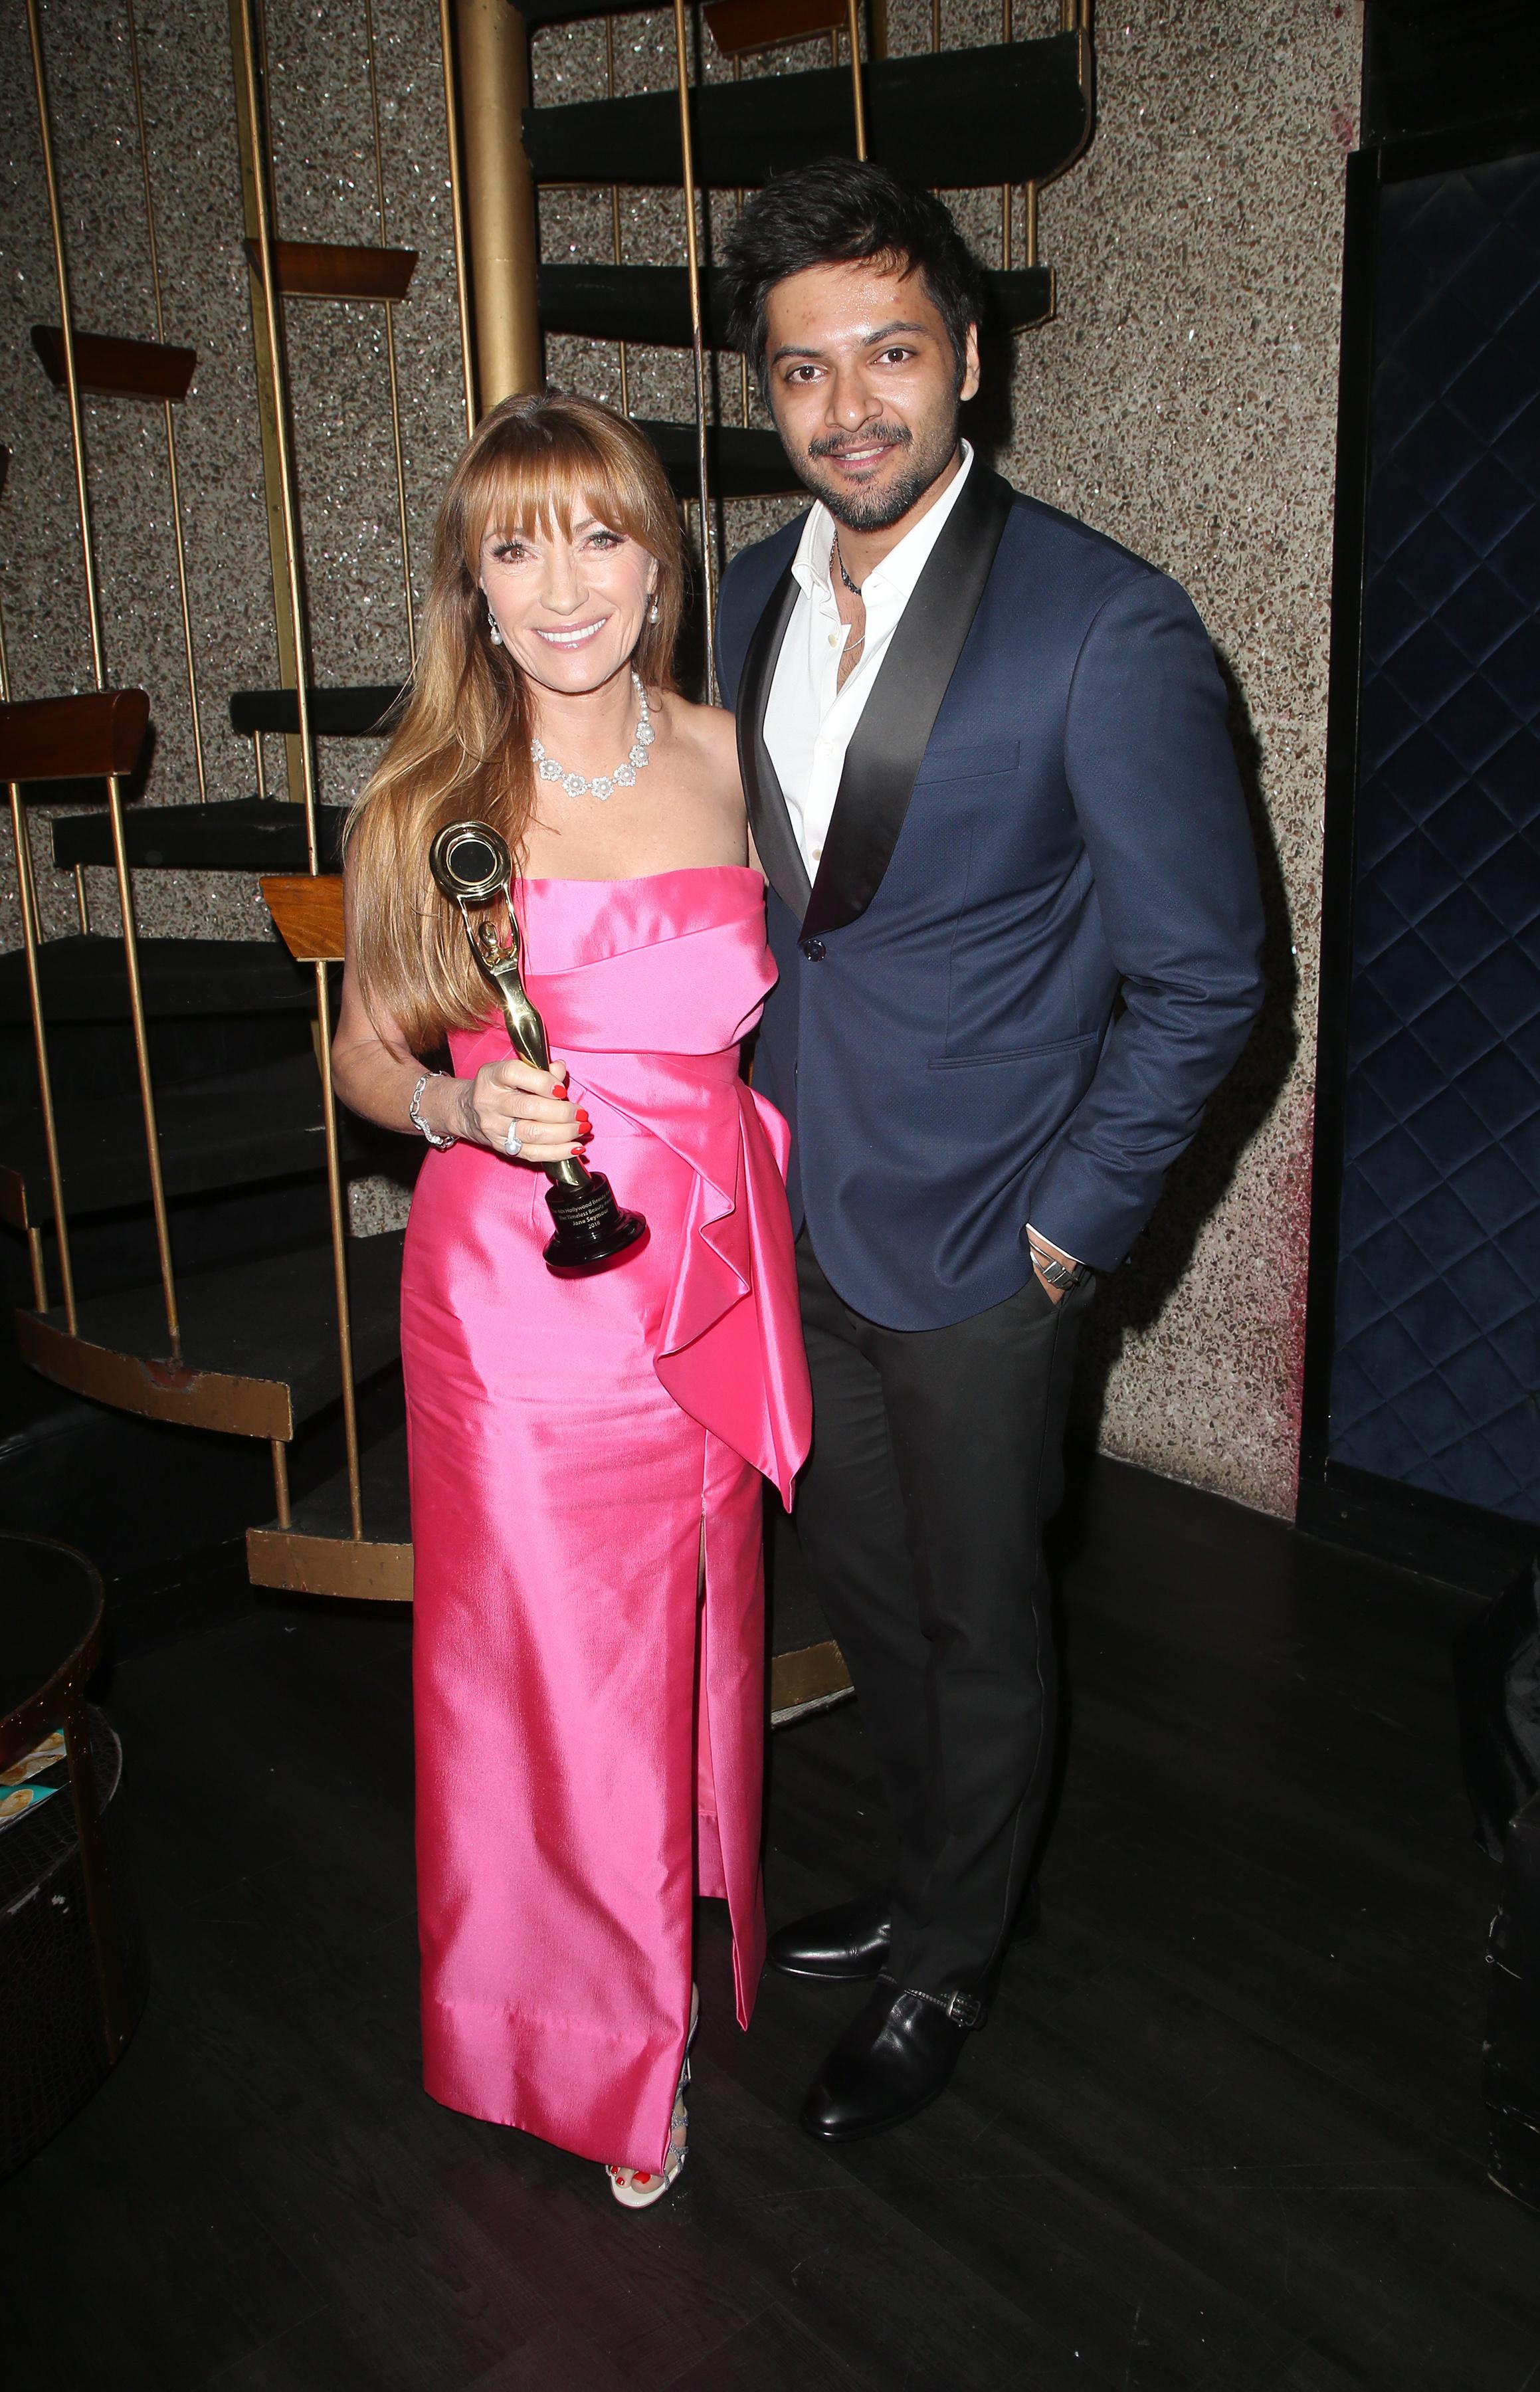 Jane Seymour and Ali Fazal | Feb 25, 2018, Hollywood Beauty Awards held at the Avalon